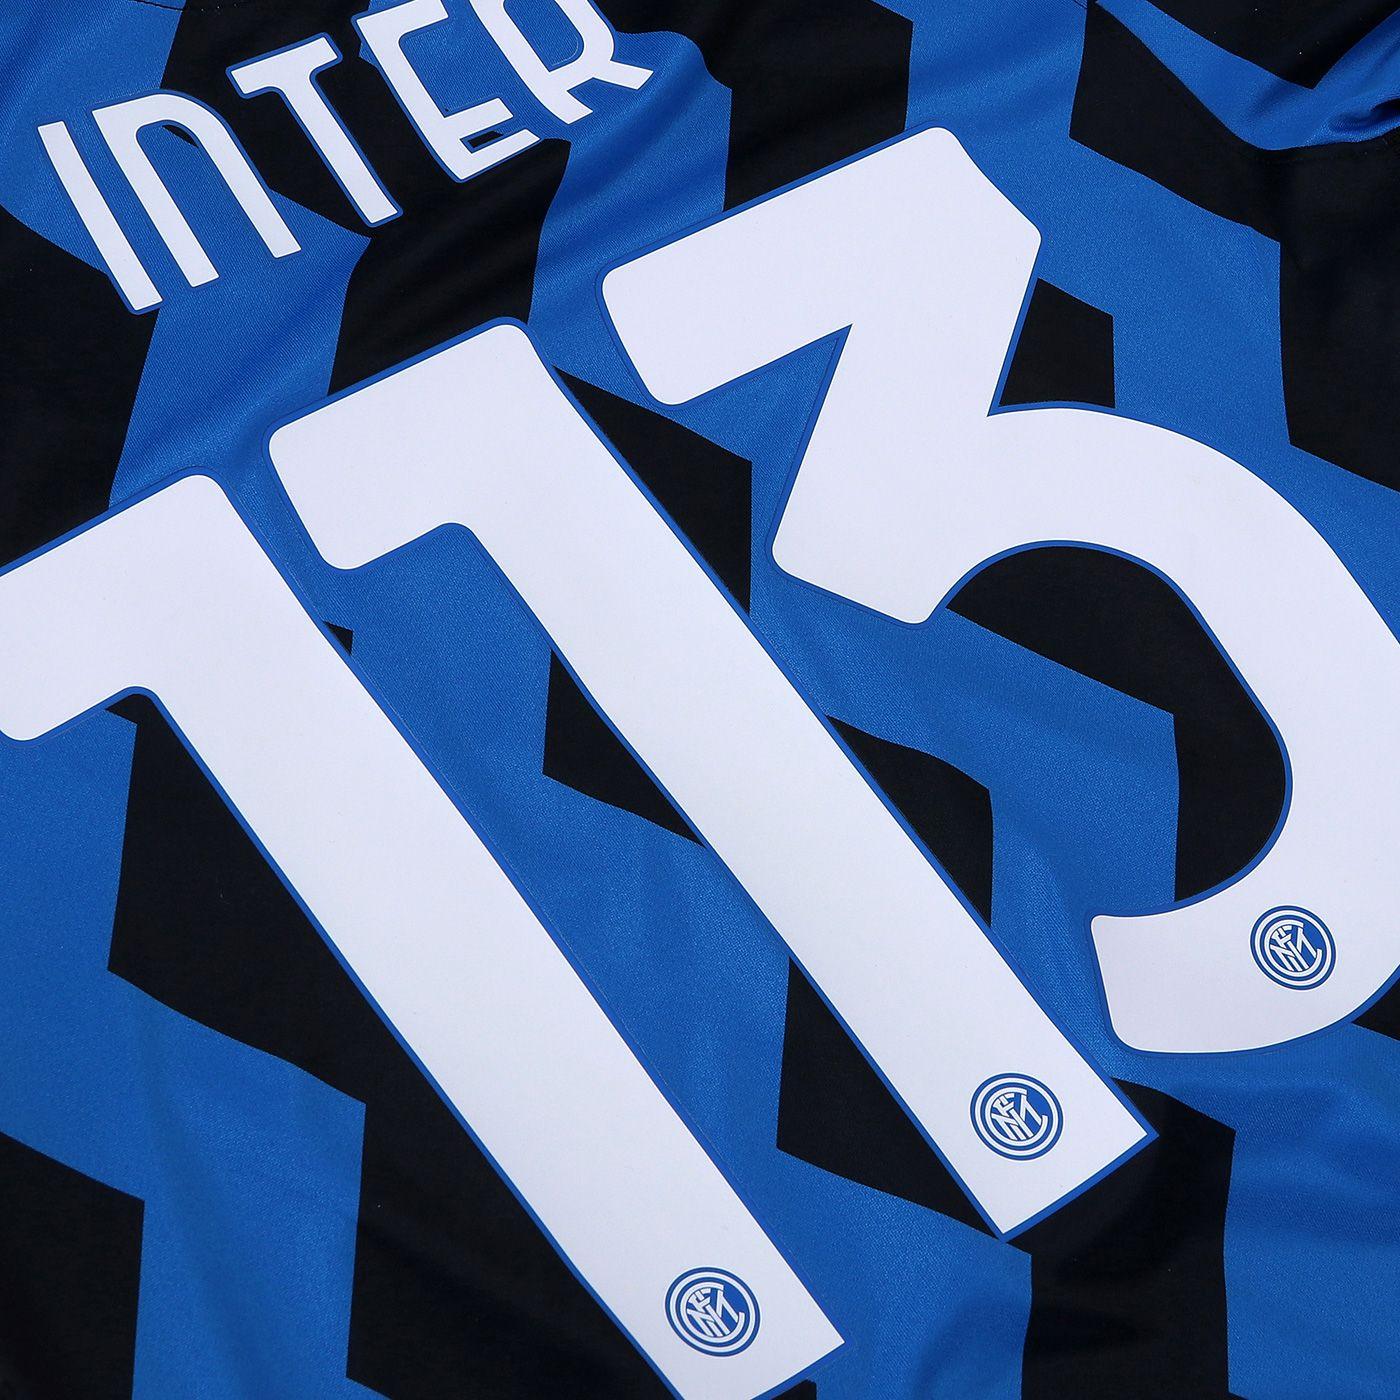 maillot-inter-milan-113-ans-signature-joueurs-2